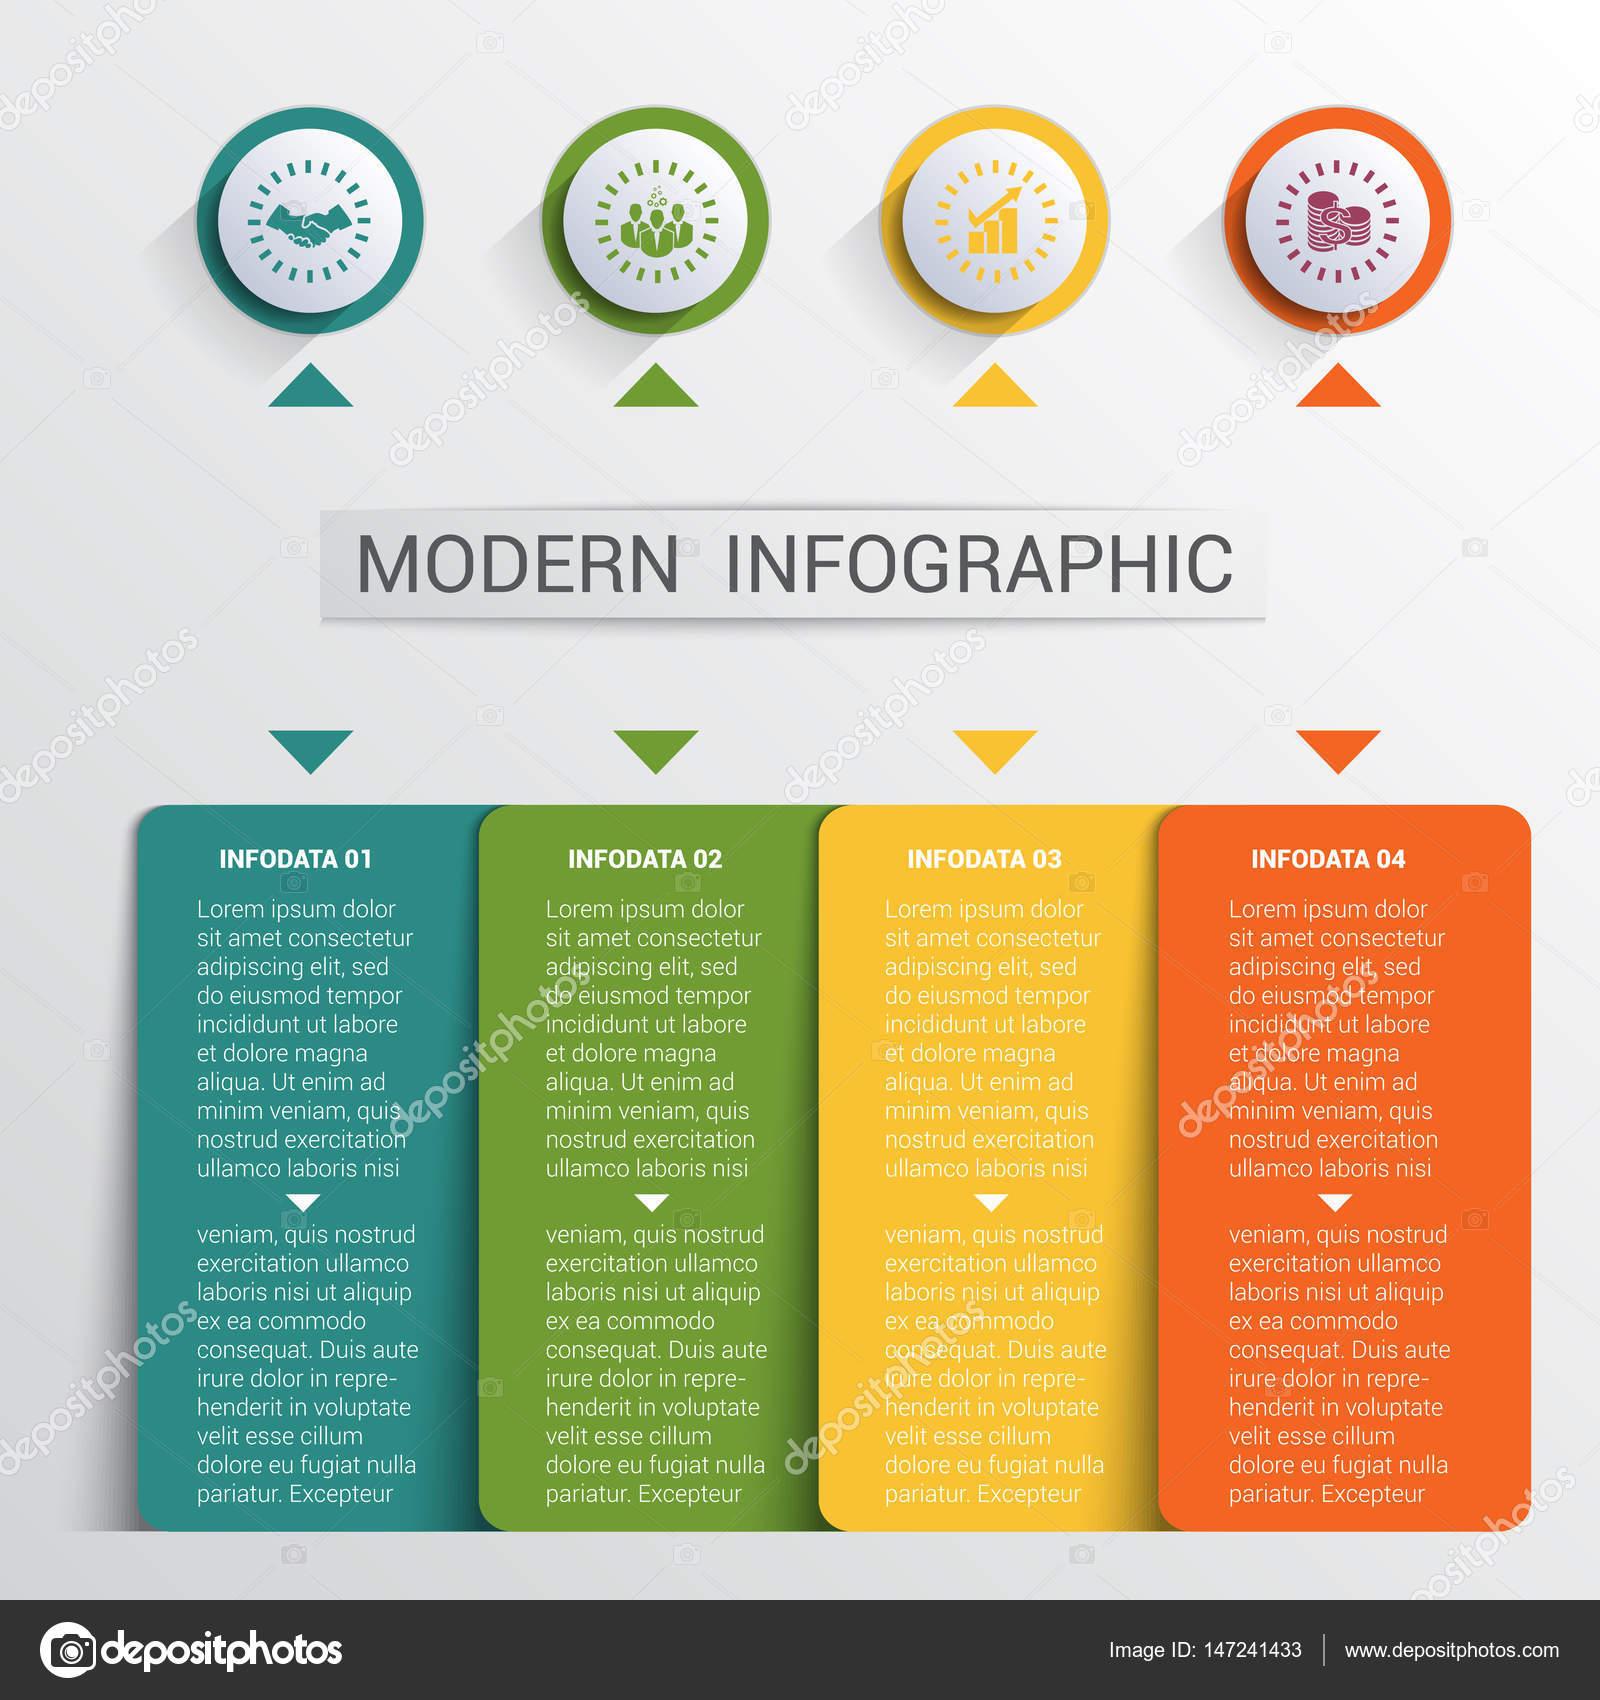 Infografiken gestalten, Vorlage, farbige Tasten und 4 Platten Formen ...